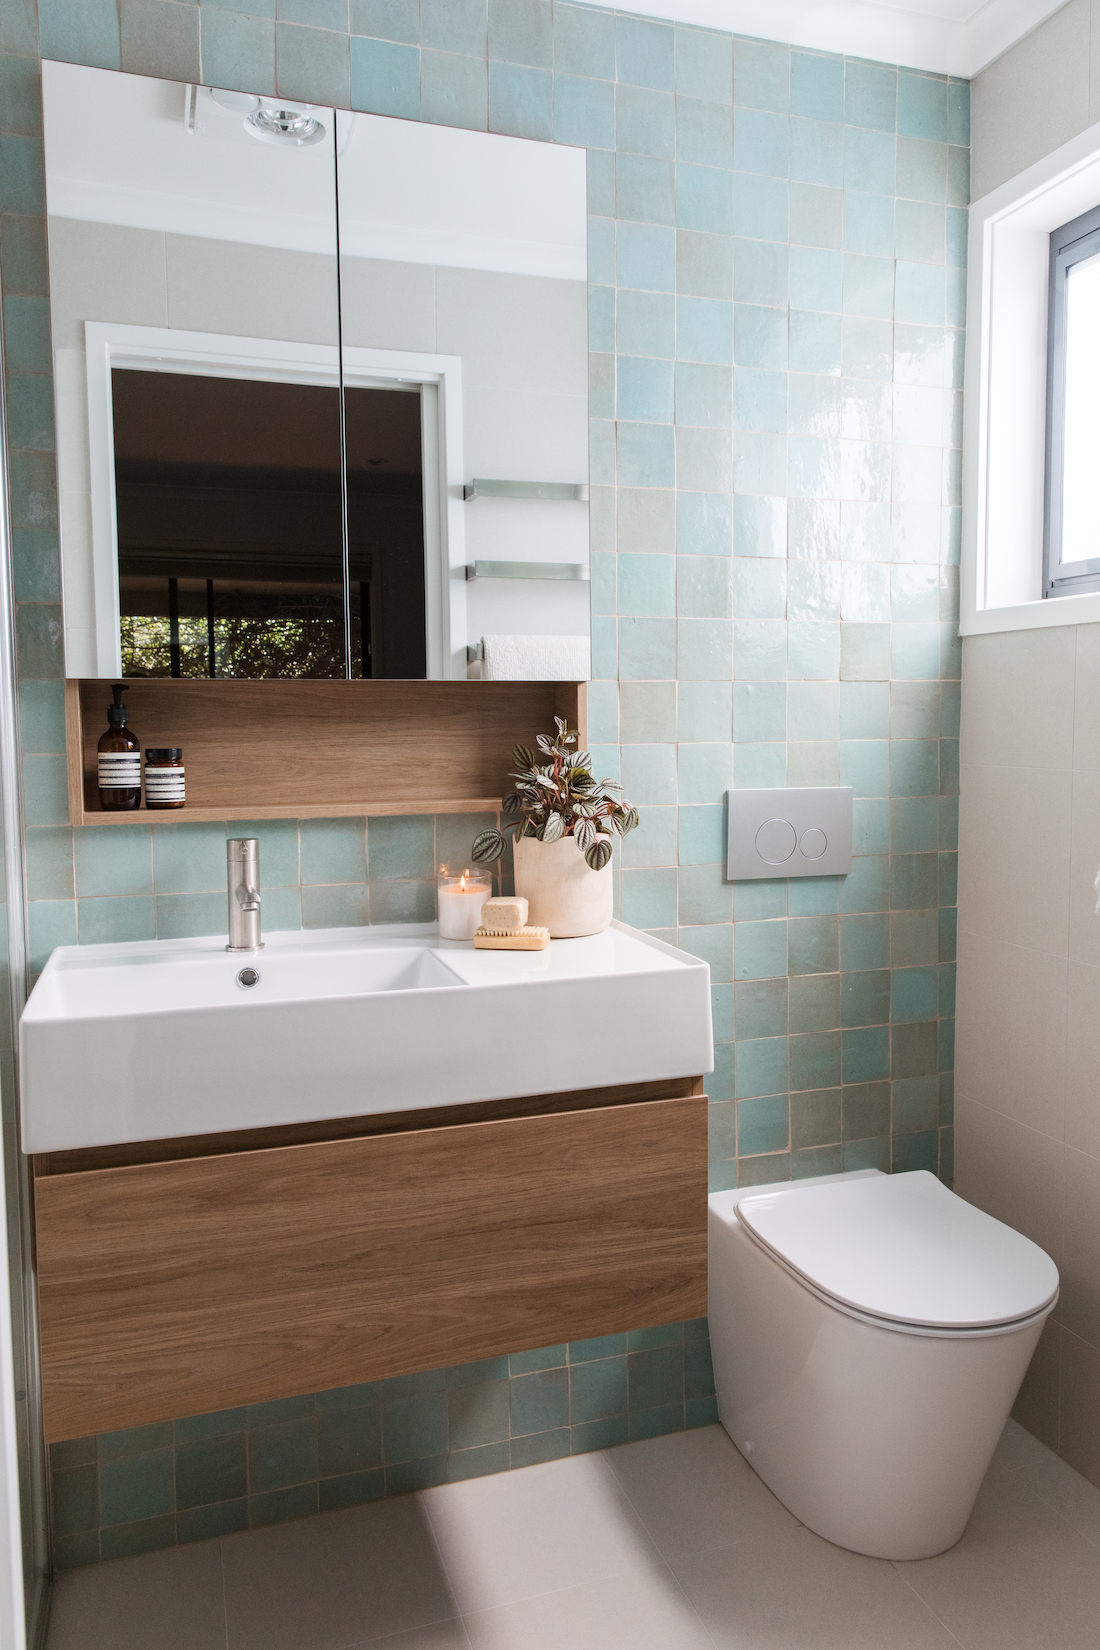 Vanity and toilet in calming ensuite